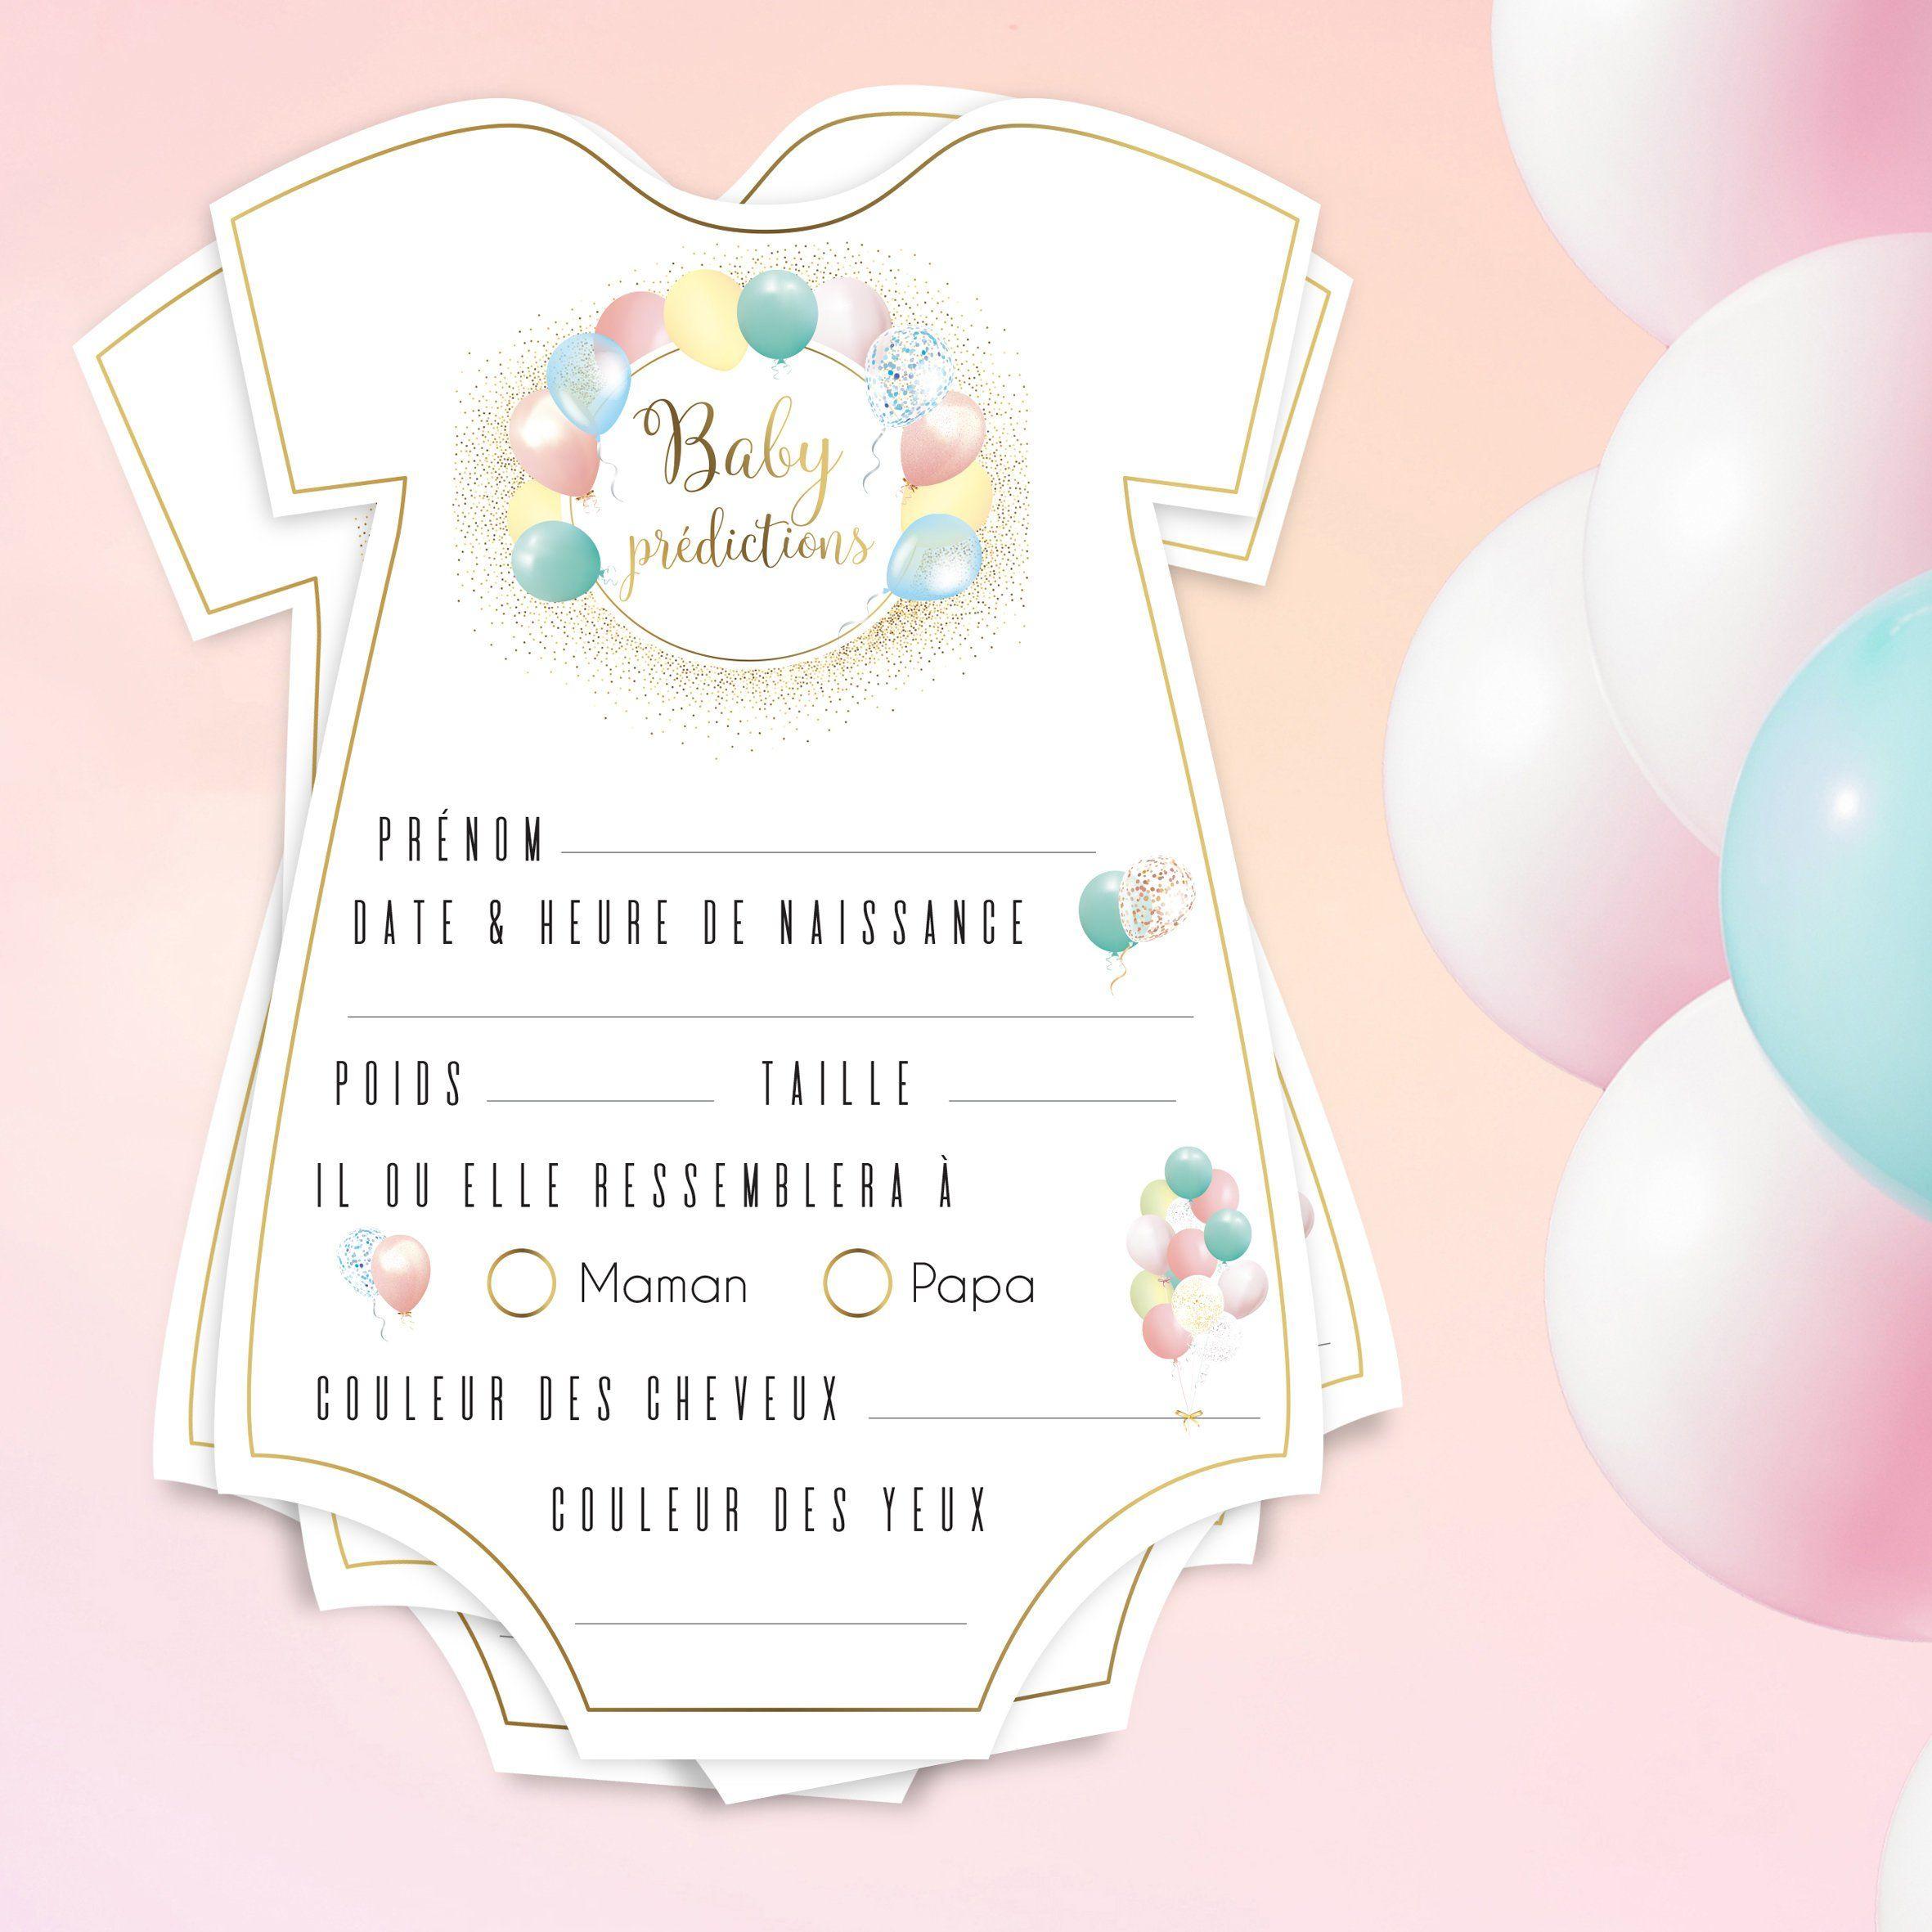 Lot De Jeux Baby Shower Bébé Prédictions Ballons Pastel tout Jeux Bebe Fille